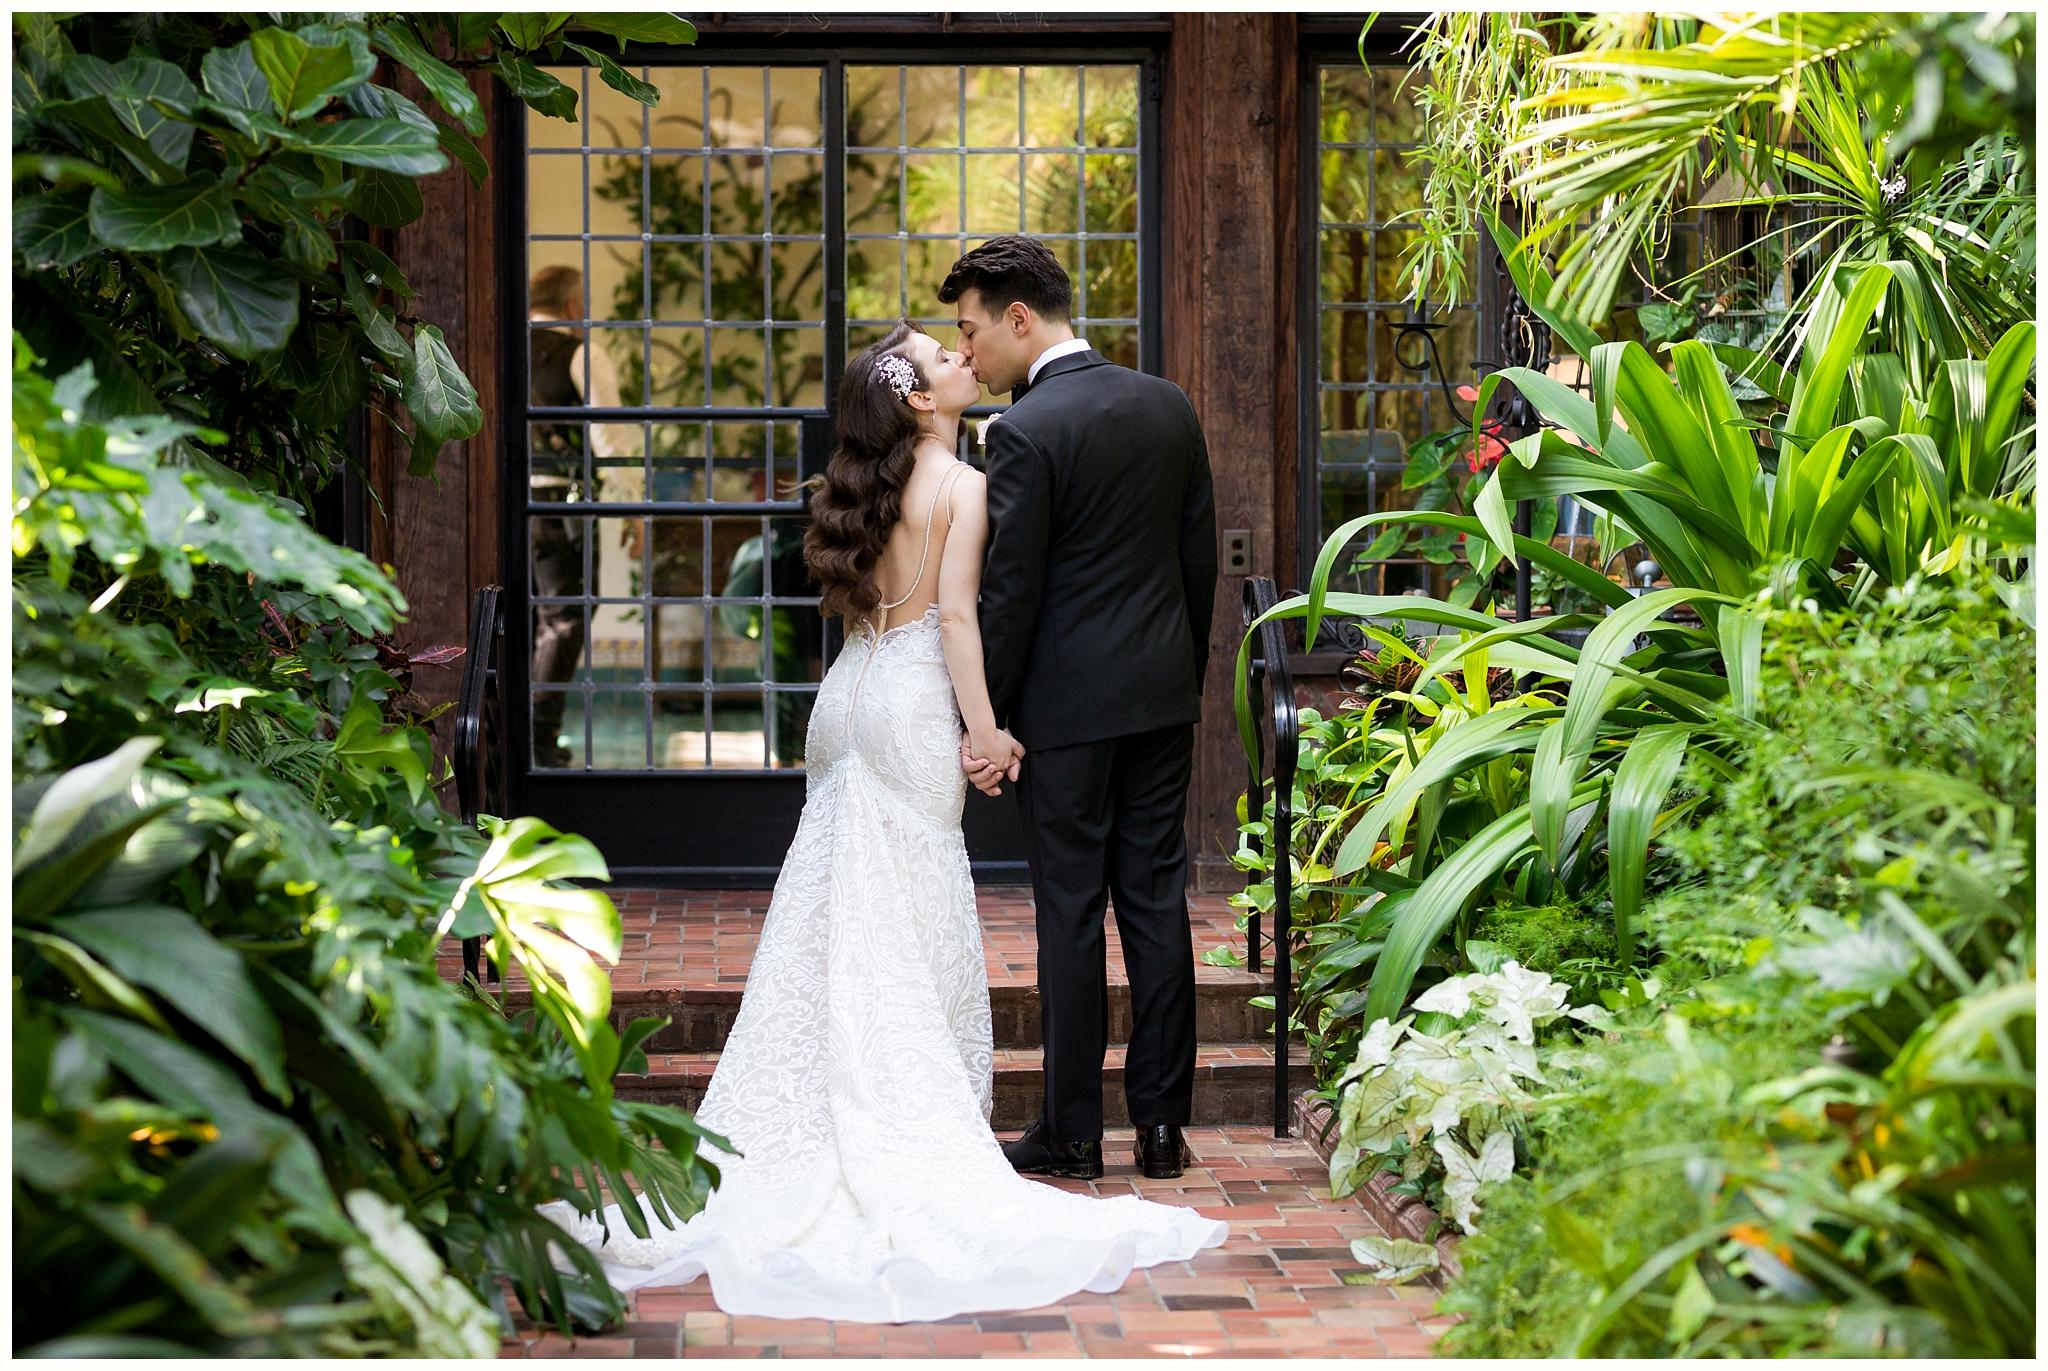 Pleasantdale Chateau Wedding NJ Wedding NYC Wedding Photographer_0017.jpg